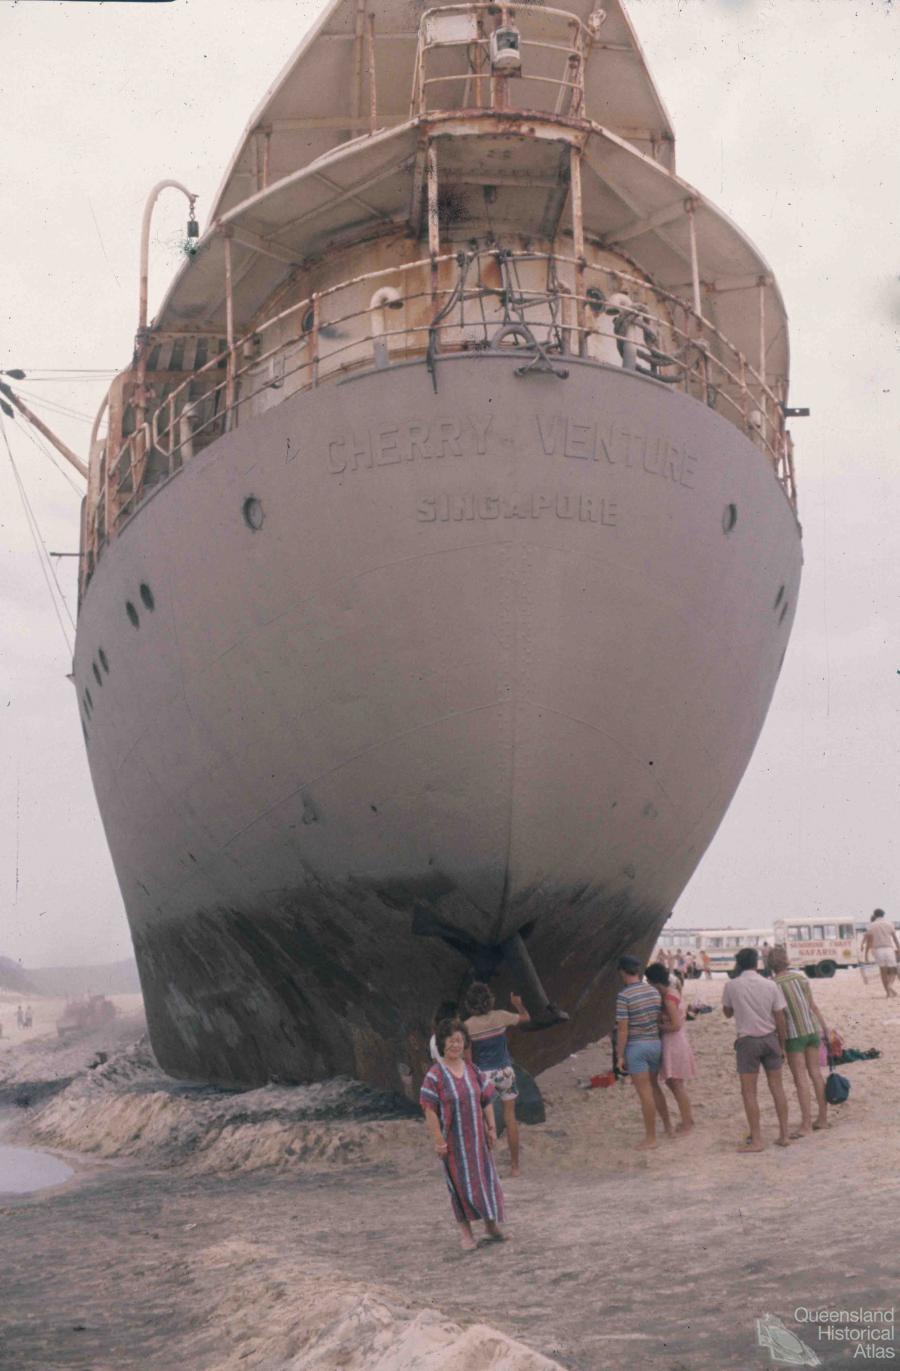 Shipwrecks as graves  ...